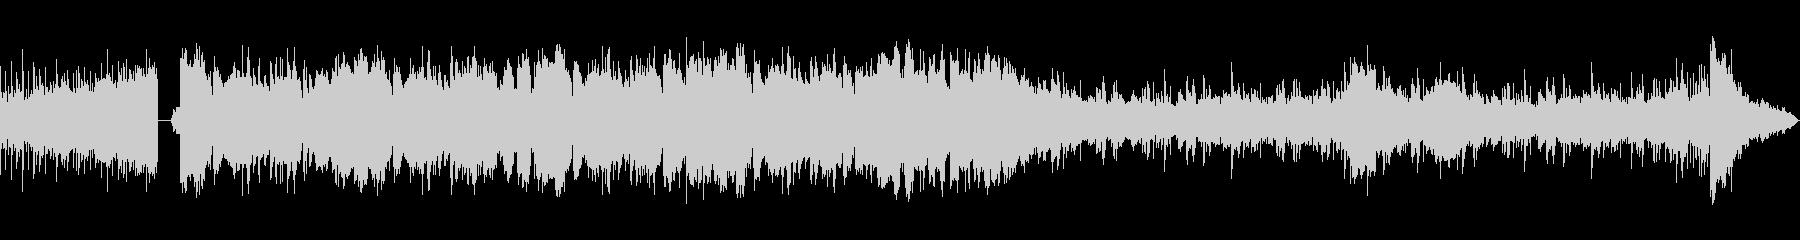 eスポーツ大会EDM メロディック60秒の未再生の波形